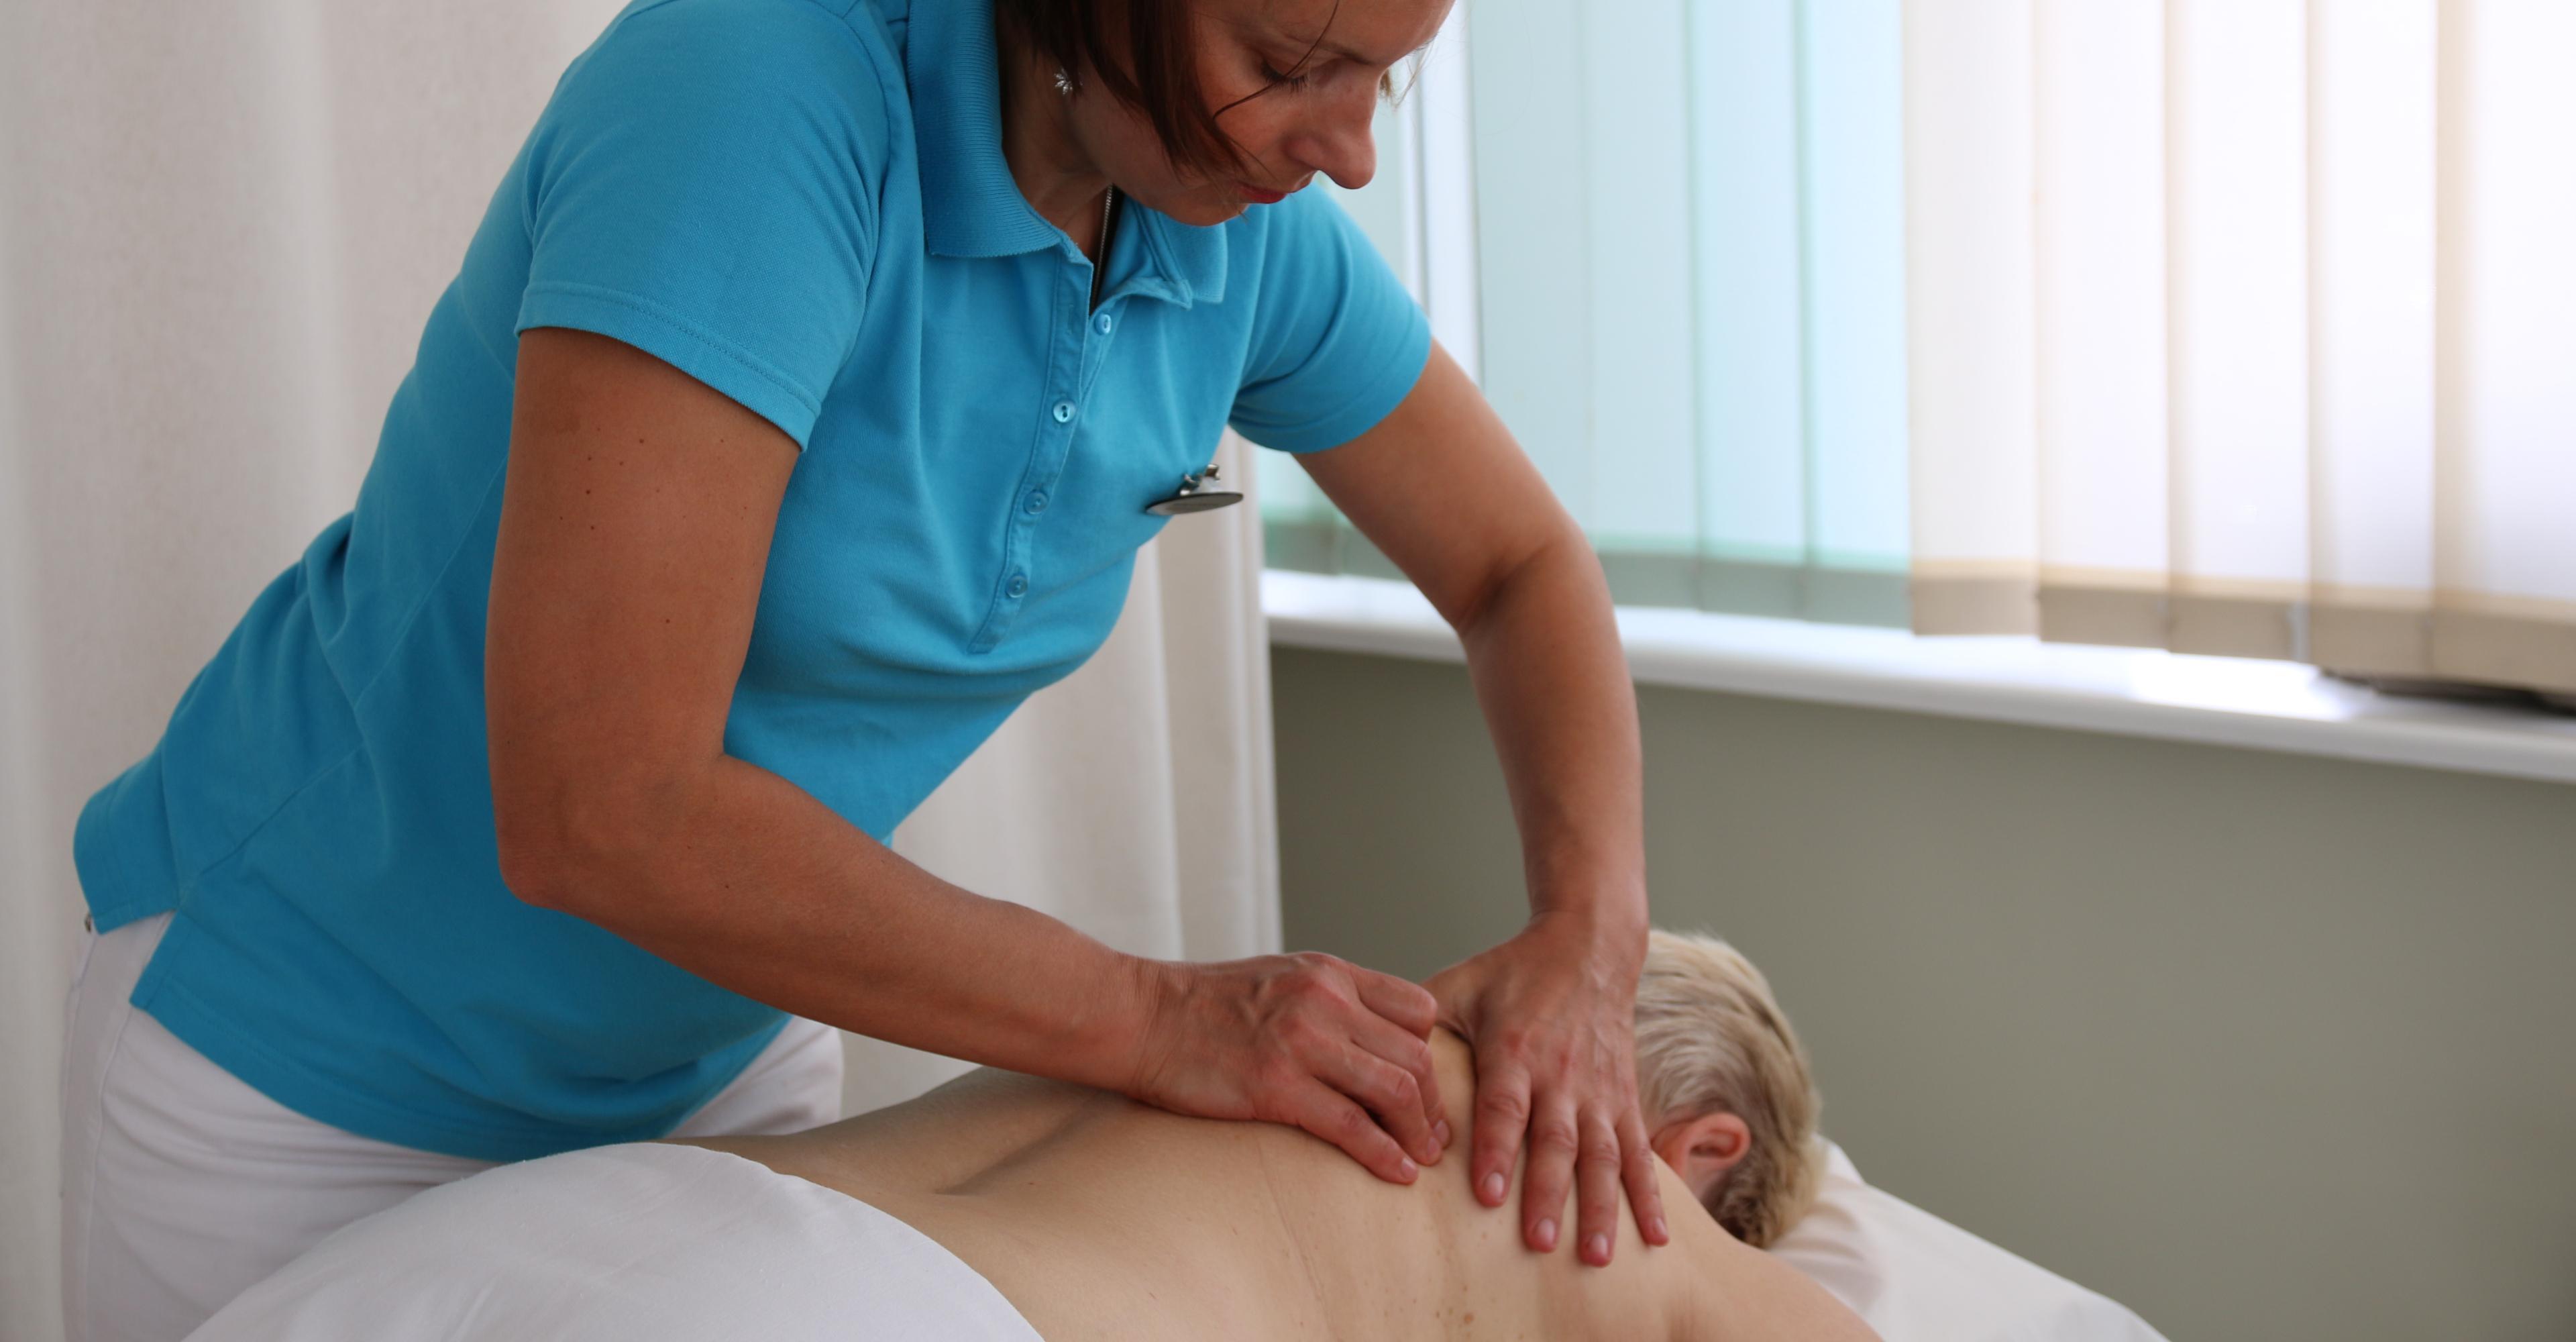 Массаж глубоких тканей — уменьшает боли и расслабляет тело